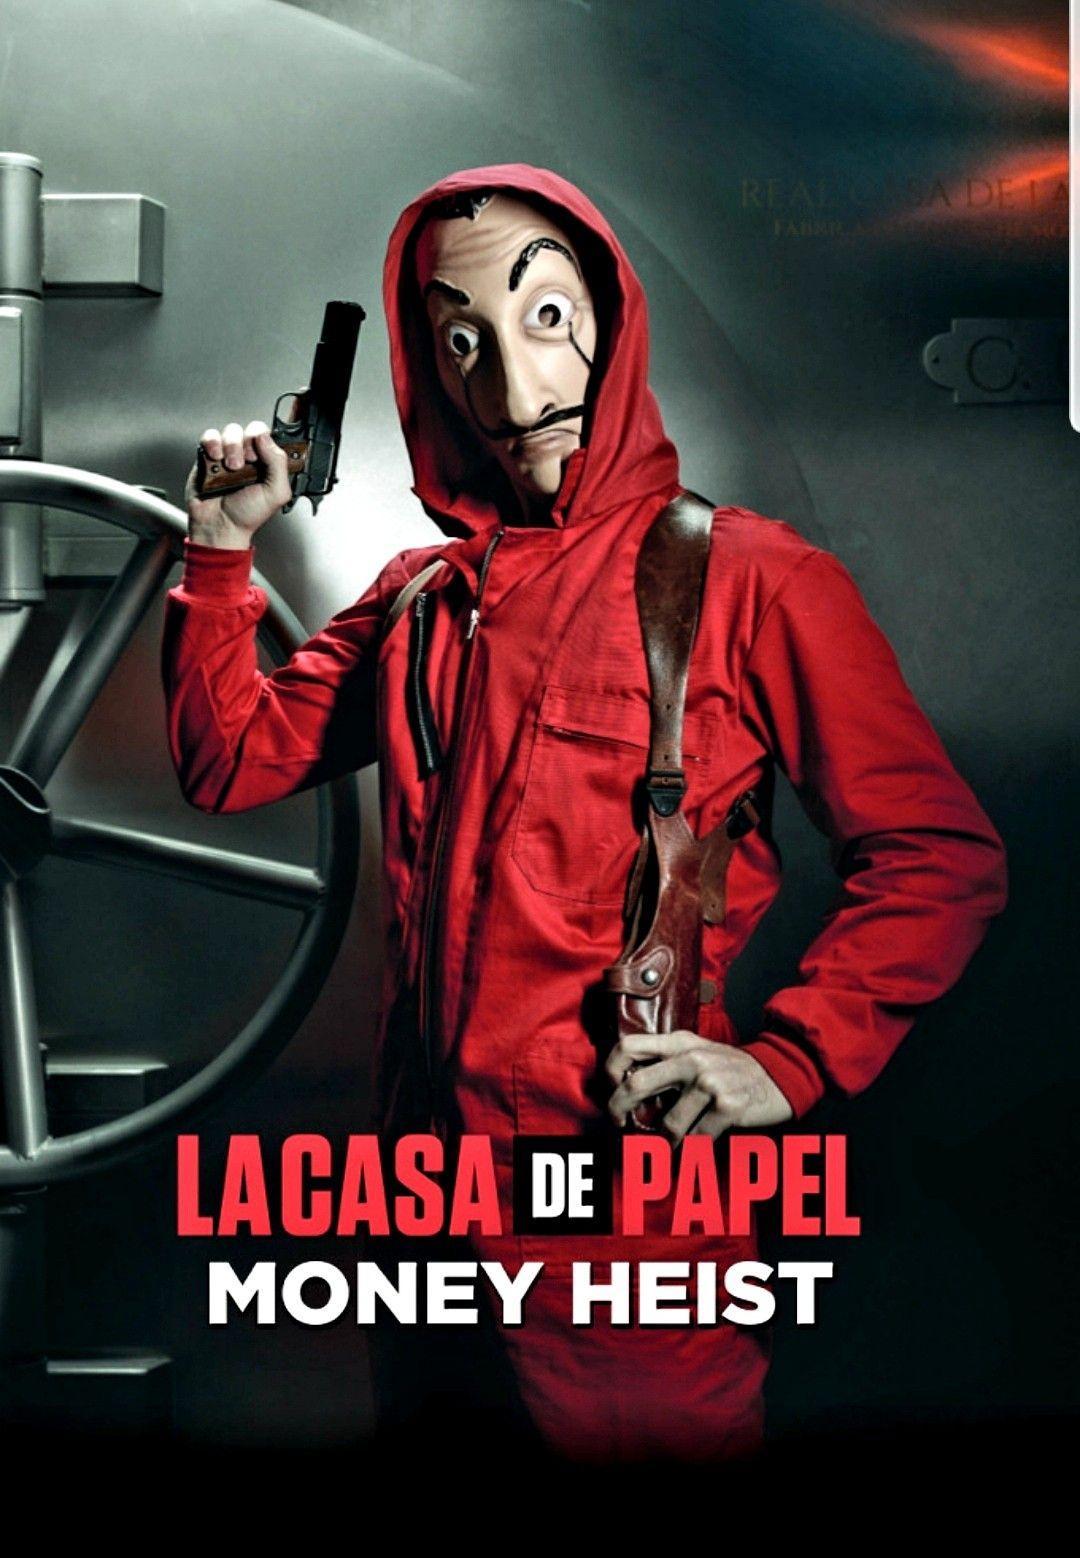 MONEY HEIST WALLPAPER 3